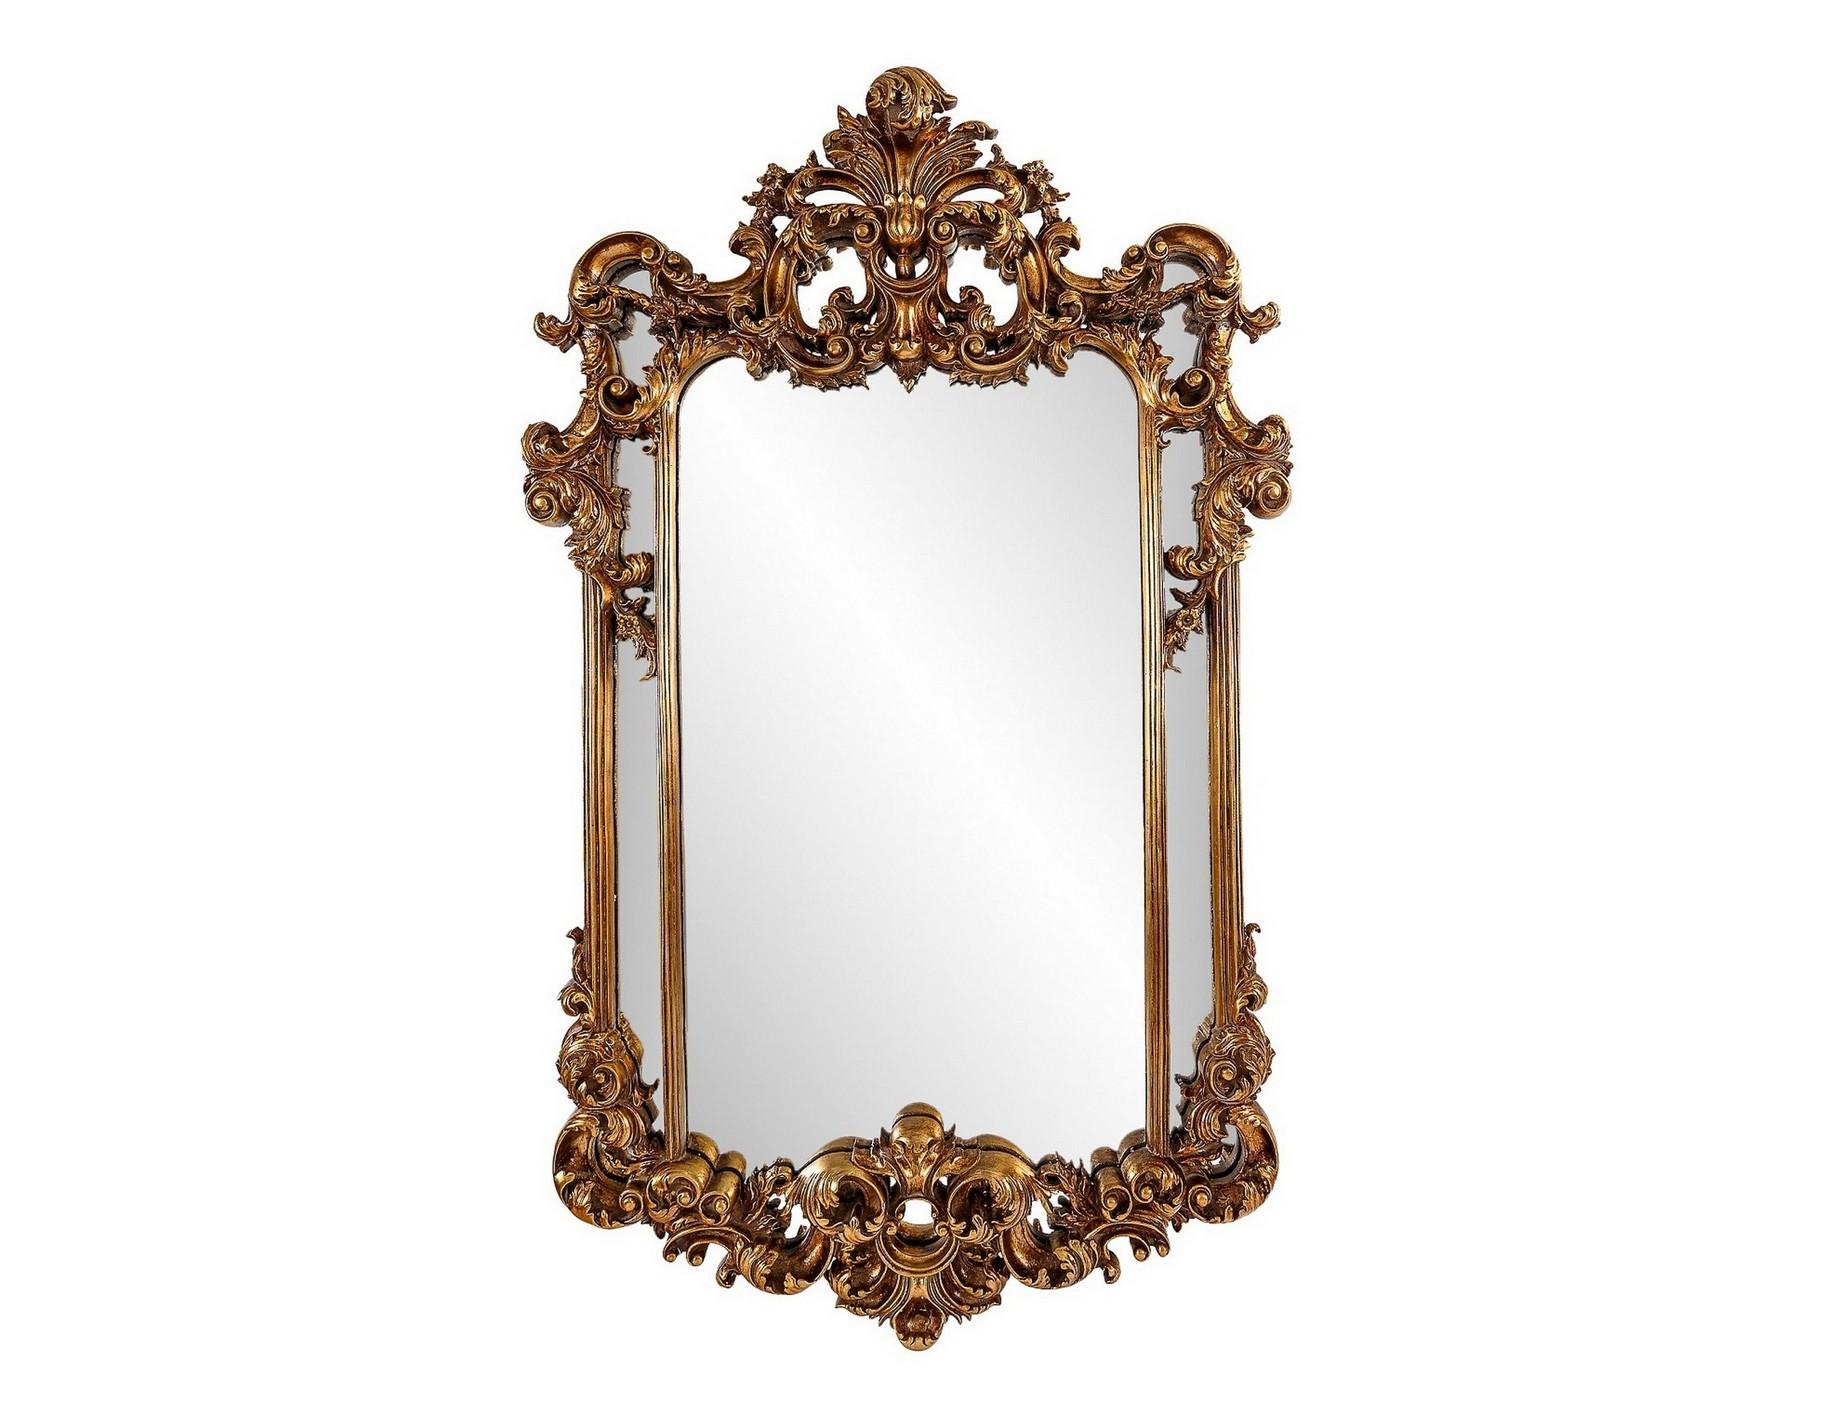 Зеркало в раме MarriotНастенные зеркала<br>&amp;quot;Marriot&amp;quot; ? обворожительный американский &amp;quot;буржуа&amp;quot;, который никого не оставит равнодушным. Кто-то будет завидовать его превосходному &amp;quot;наряду&amp;quot;, а кто-то ? восхищаться отменным &amp;quot;пошивом&amp;quot; костюма. Золотые детали, представленные всевозможными растительными орнаментами, привлекут внимание своим блеском, в лучах которого скрыта подлинная роскошь. Оригинальный &amp;quot;фасон&amp;quot;, подчеркивающий все достоинства статной &amp;quot;фигуры&amp;quot;, не позволит ему затеряться в толпе других &amp;quot;модников&amp;quot; и &amp;quot;аристократов&amp;quot;.&amp;amp;nbsp;<br><br><br><br>&amp;lt;div&amp;gt;&amp;lt;br&amp;gt;&amp;lt;/div&amp;gt;&amp;lt;div&amp;gt;Влагостойкое серебряное зеркало.&amp;lt;/div&amp;gt;&amp;lt;div&amp;gt;Материал рамы: полирезин.&amp;lt;/div&amp;gt;&amp;lt;div&amp;gt;Цвет зеркала/рамы: античное золото.&amp;lt;/div&amp;gt;&amp;lt;div&amp;gt;Размер внешний, с рамой: 75*124 см.&amp;lt;/div&amp;gt;&amp;lt;div&amp;gt;Вес: 15 кг.&amp;lt;/div&amp;gt;<br><br>Material: Пластик<br>Ширина см: 75.0<br>Высота см: 124.0<br>Глубина см: 5.0